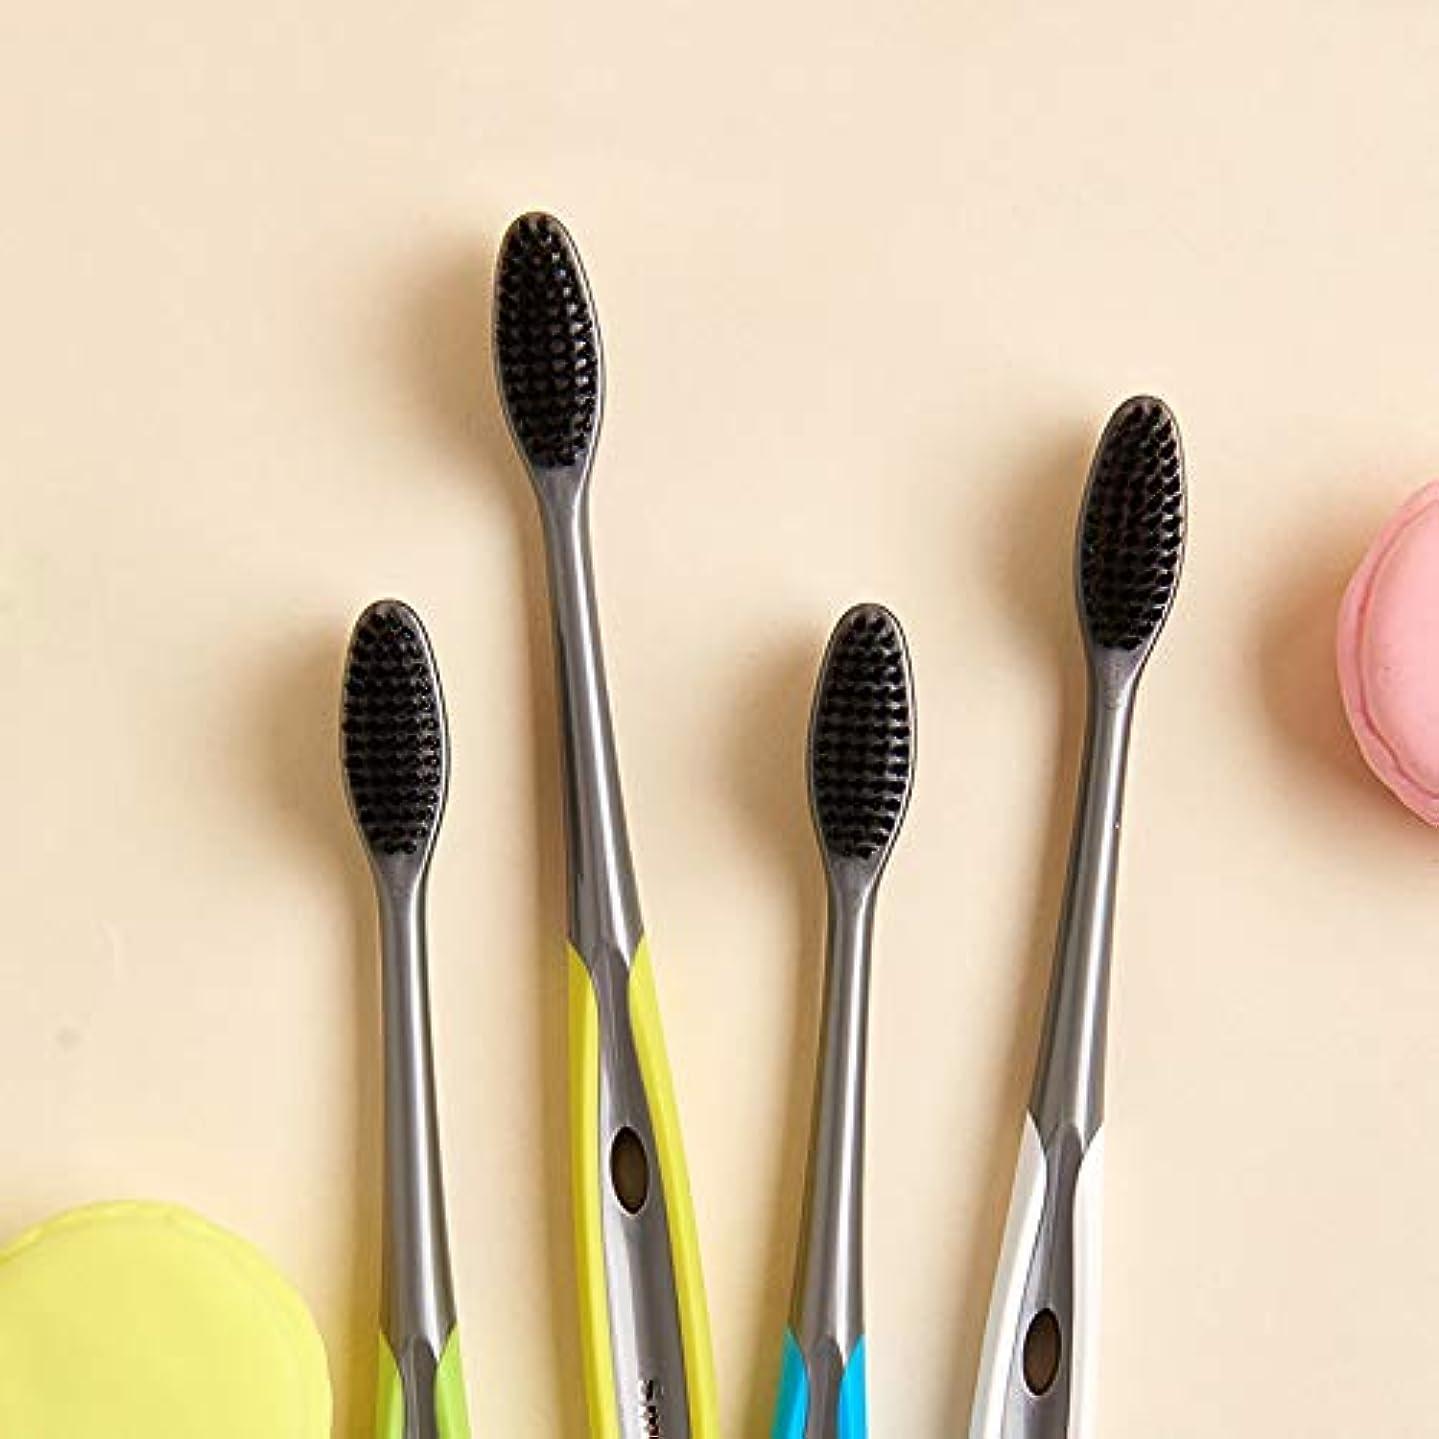 グローブセクション歯ブラシ 竹炭歯ブラシ、口腔衛生歯ブラシ、バルク歯ブラシ - 10パック KHL (サイズ : 10 packs)